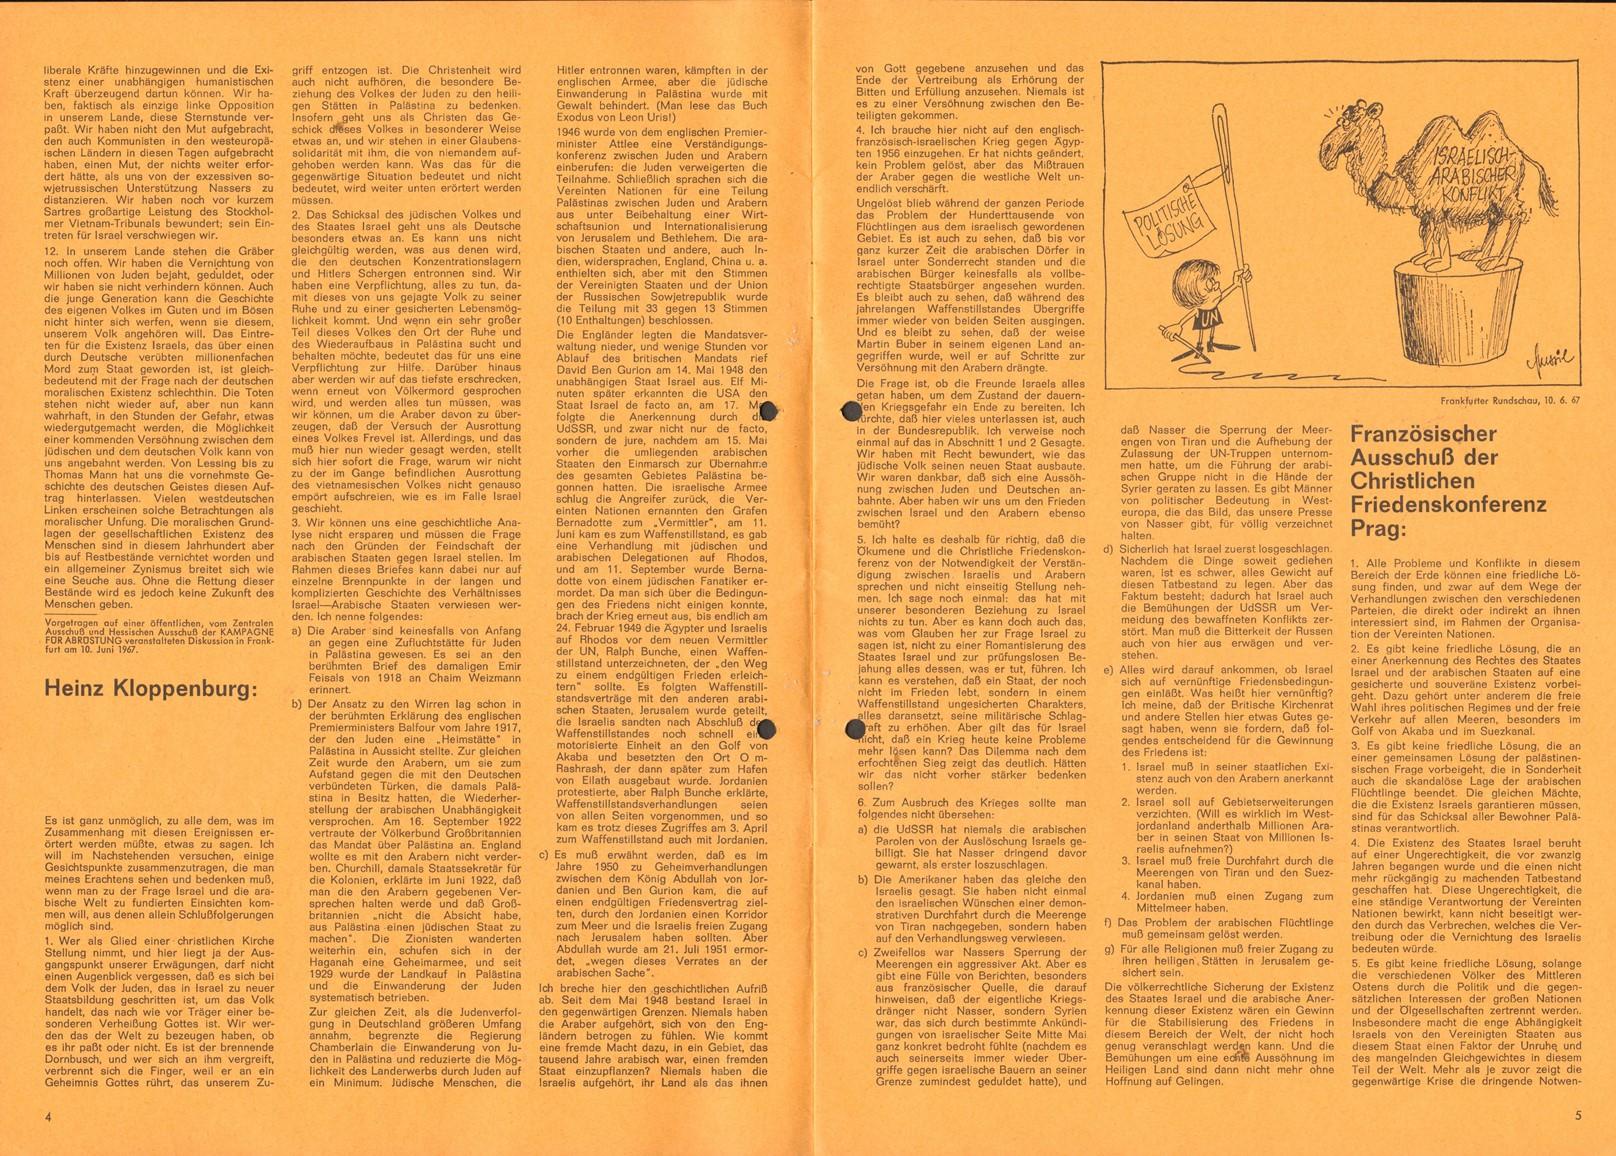 Informationen_zur_Abruestung_1967_048_049_003